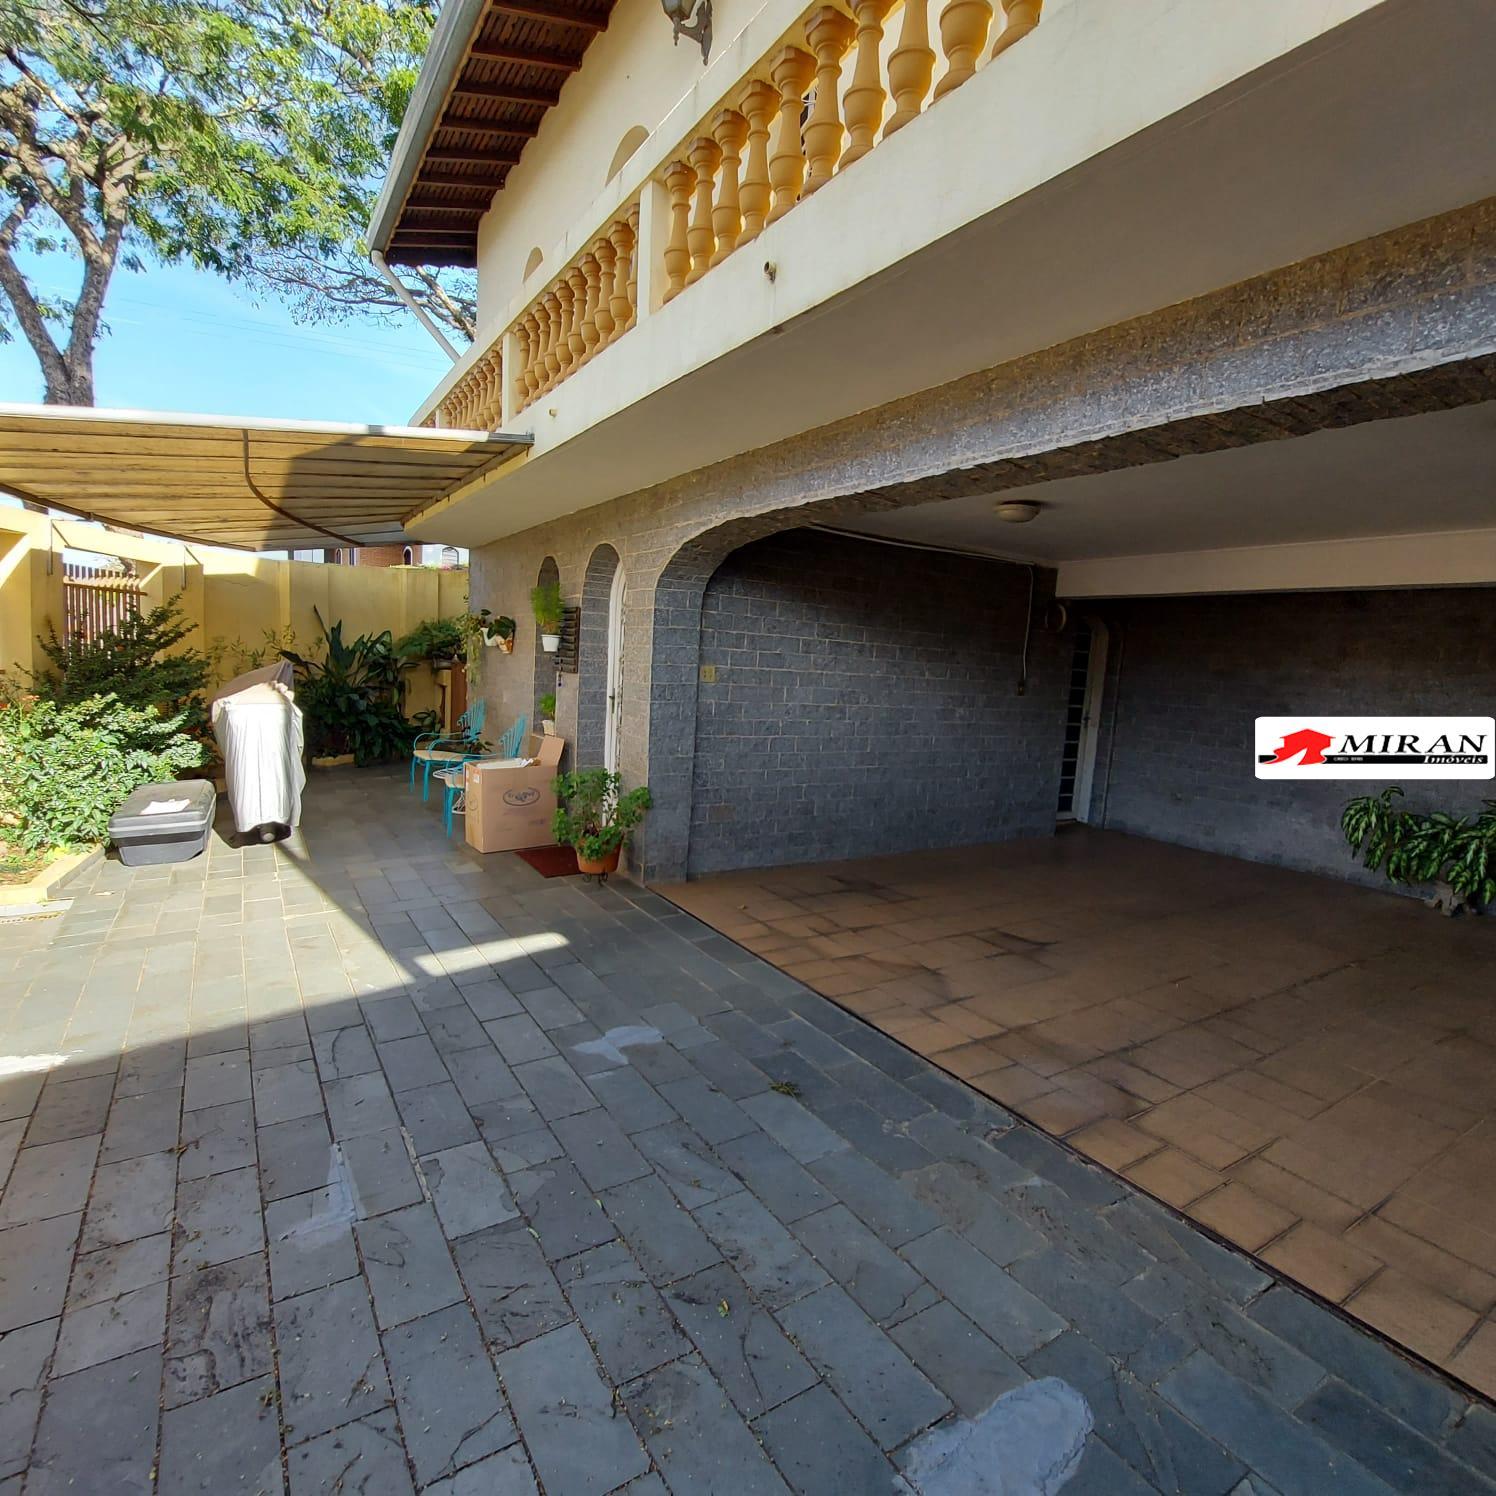 Casa com três dormitórios sendo duas suítes – Jardim Bela Vista – Valinhos/SP.